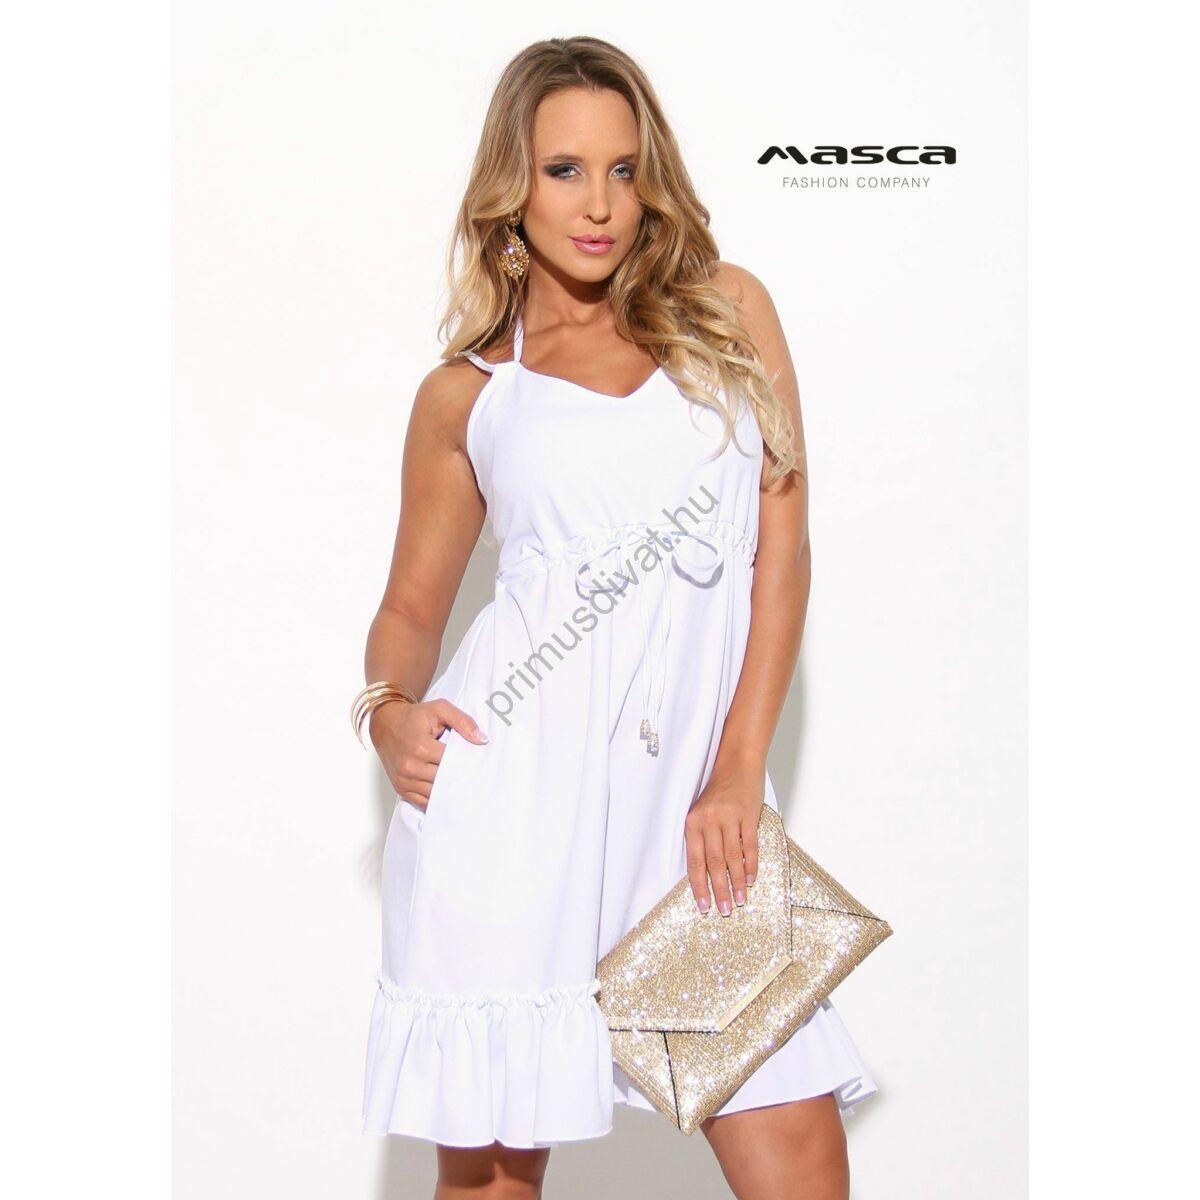 4a5bb9d789 Kép 1/1 - Masca Fashion dupla spagettipántos nyakba kötős fodros aljú  A-vonalú fehér lenge zsebes ruha